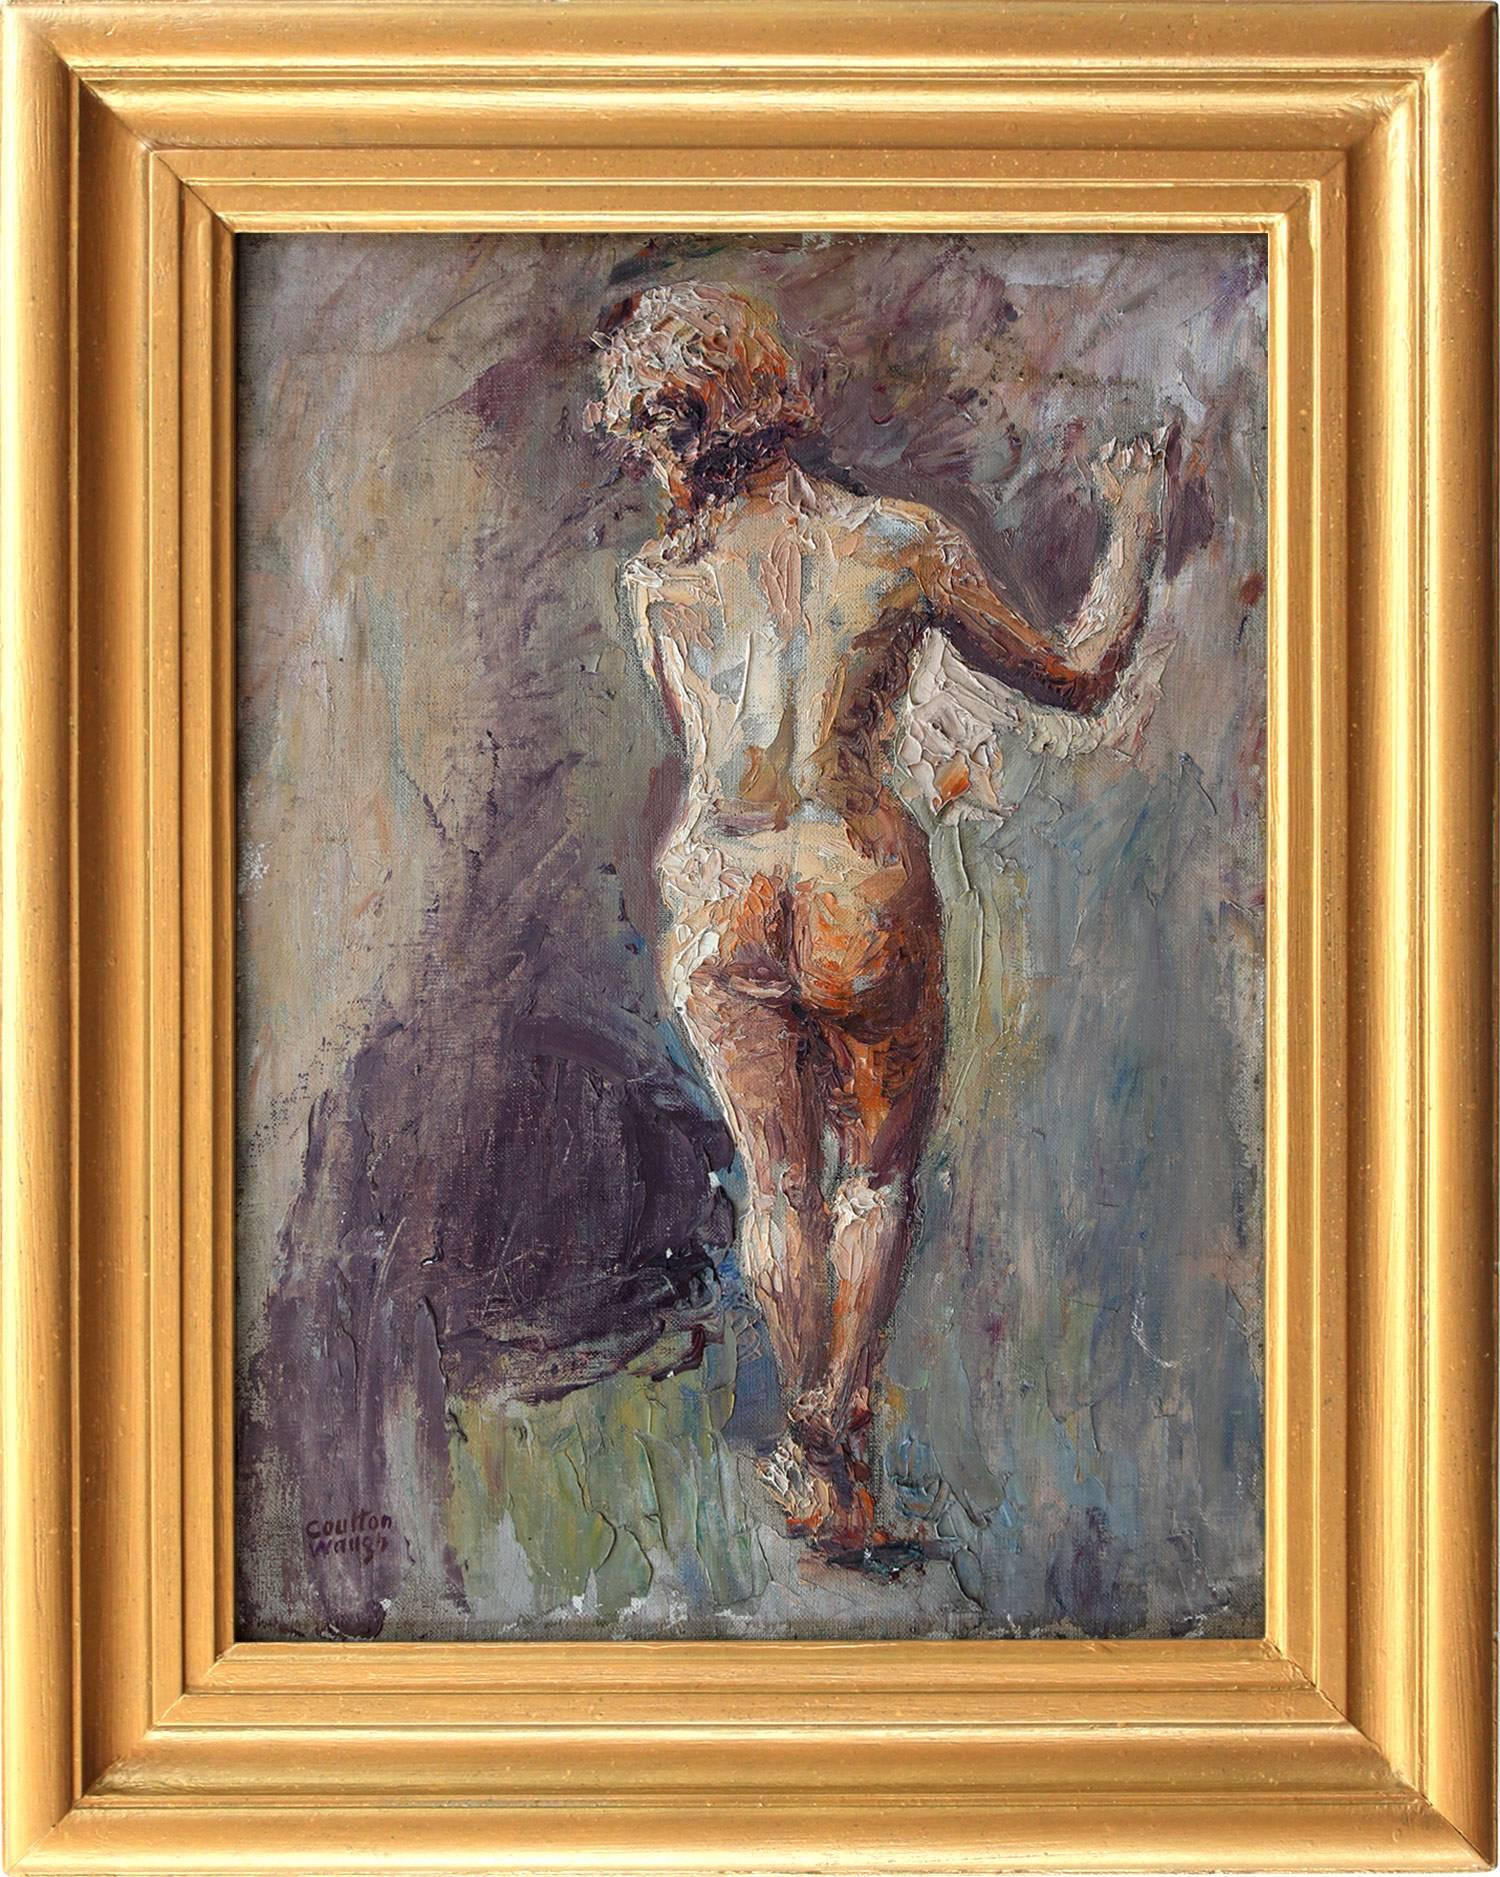 Figurative Nude Woman